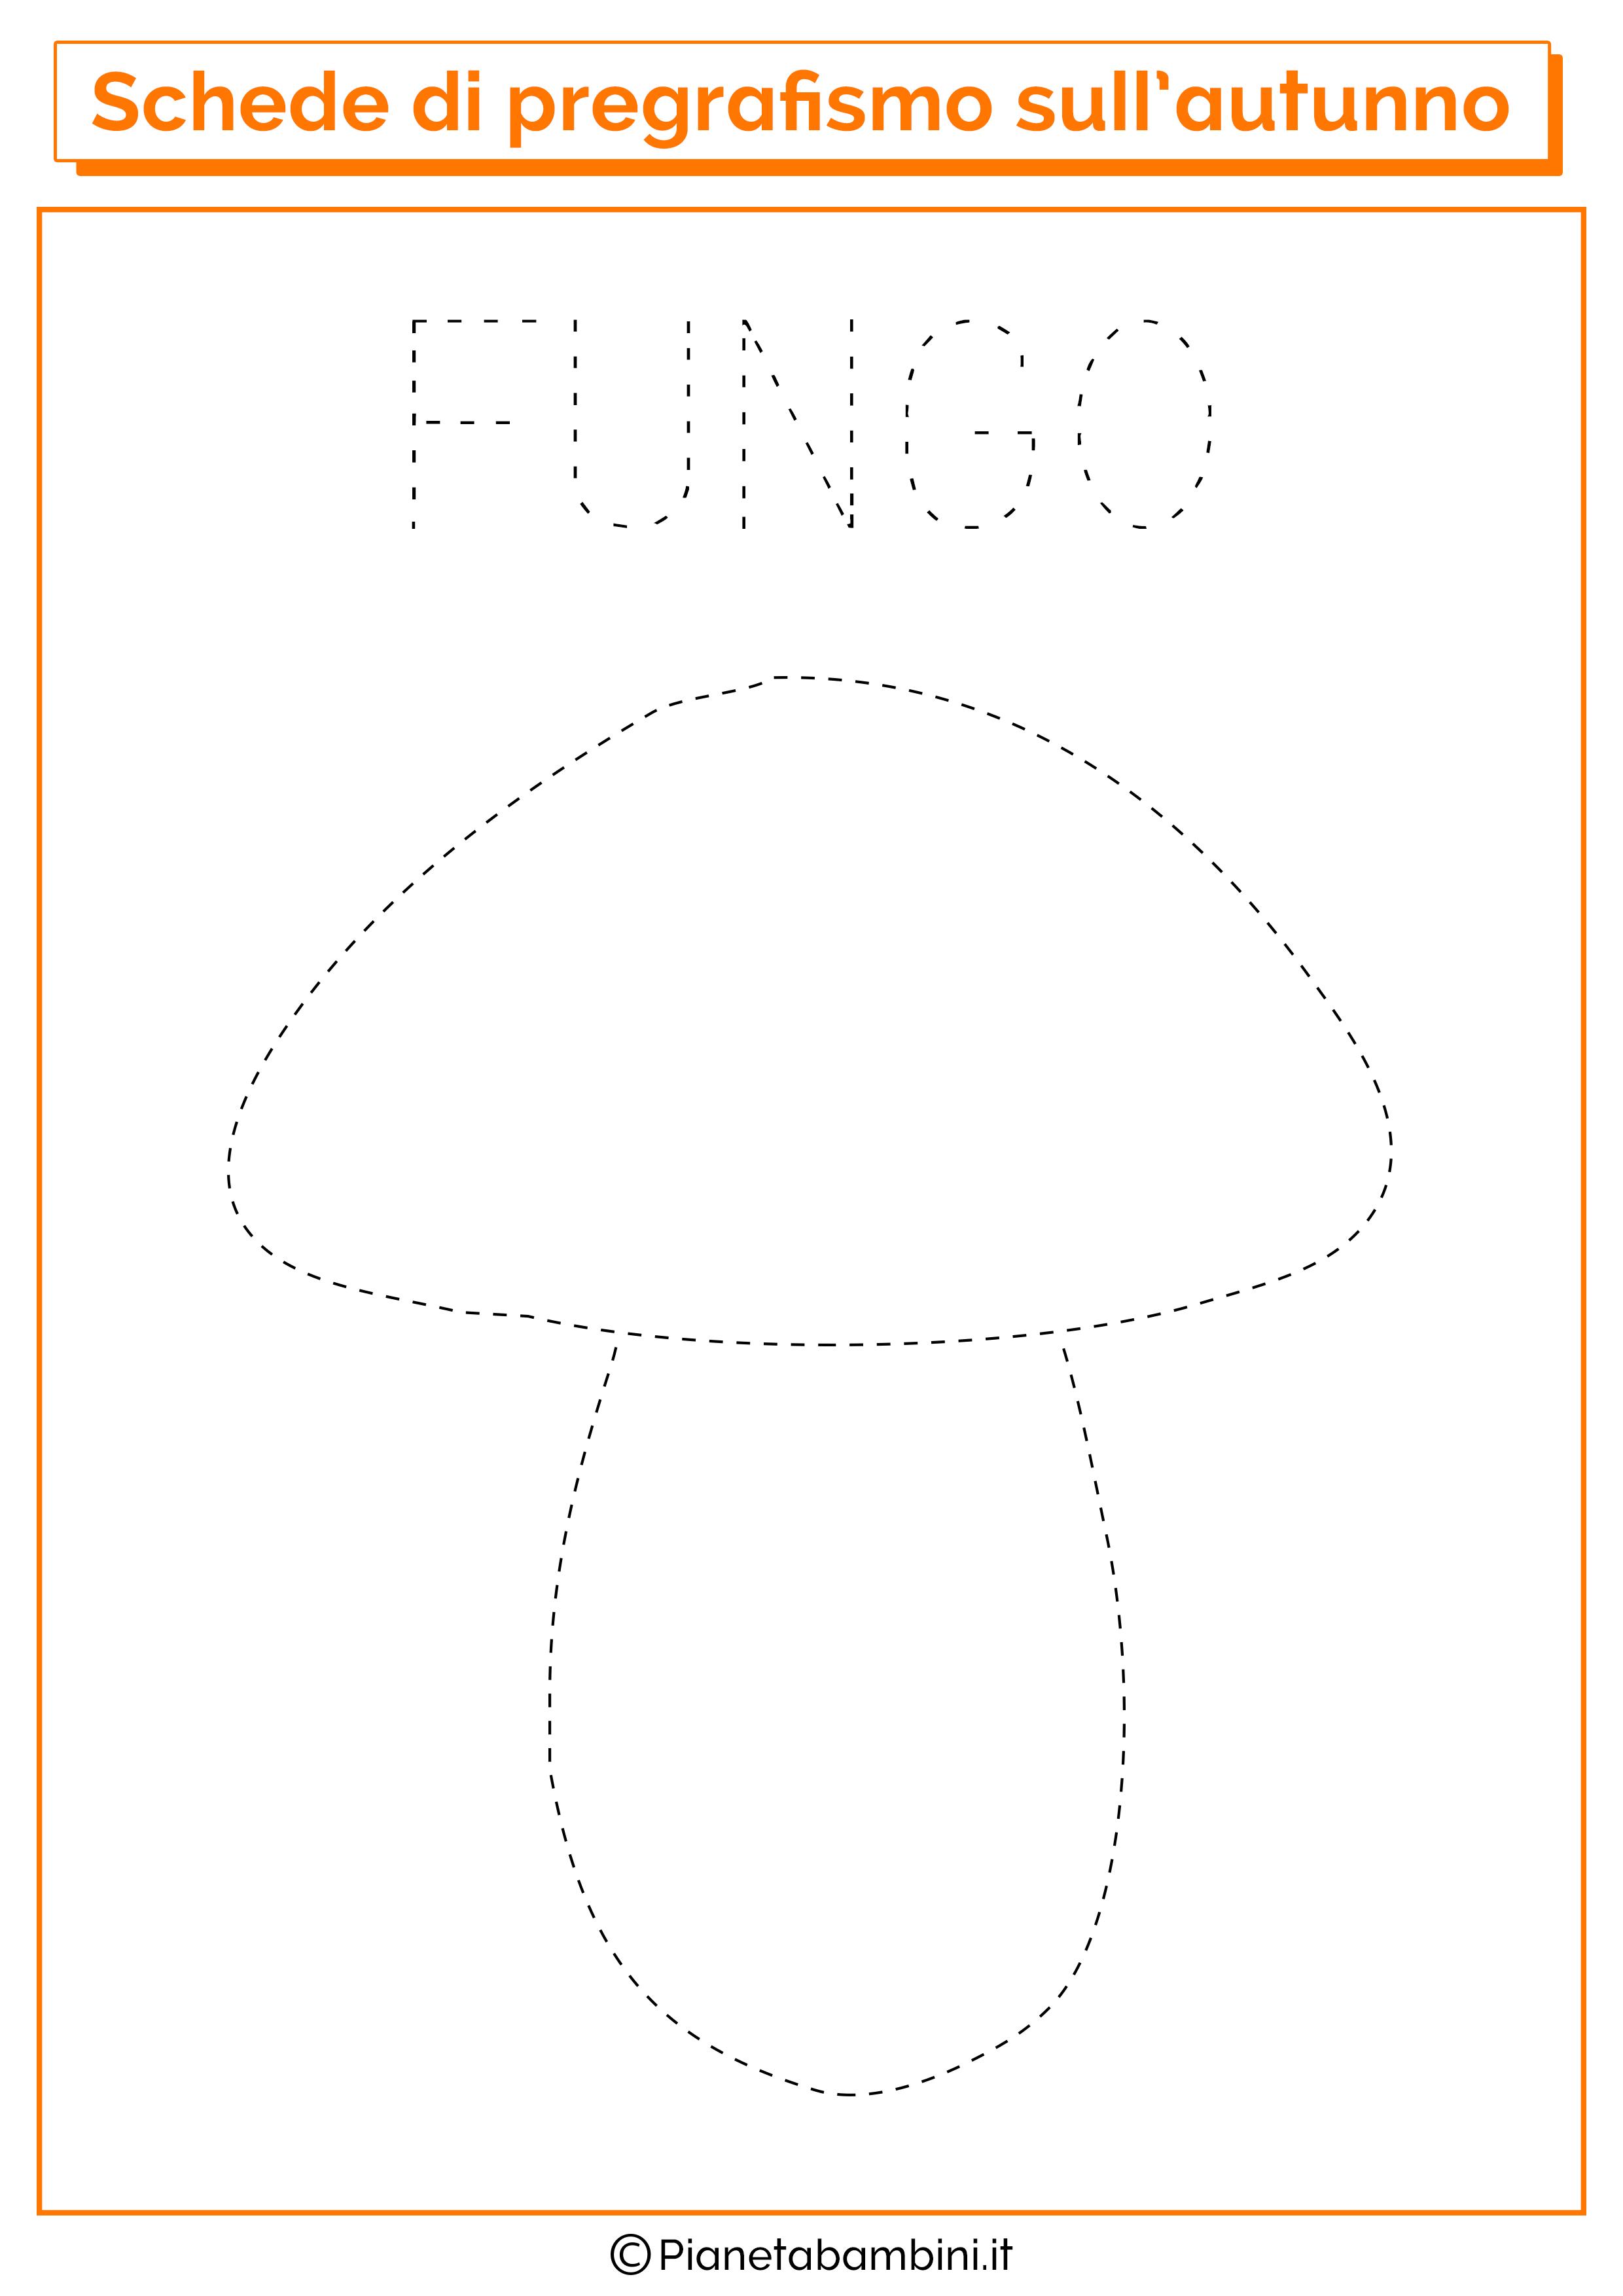 Pregrafismo autunno fungo